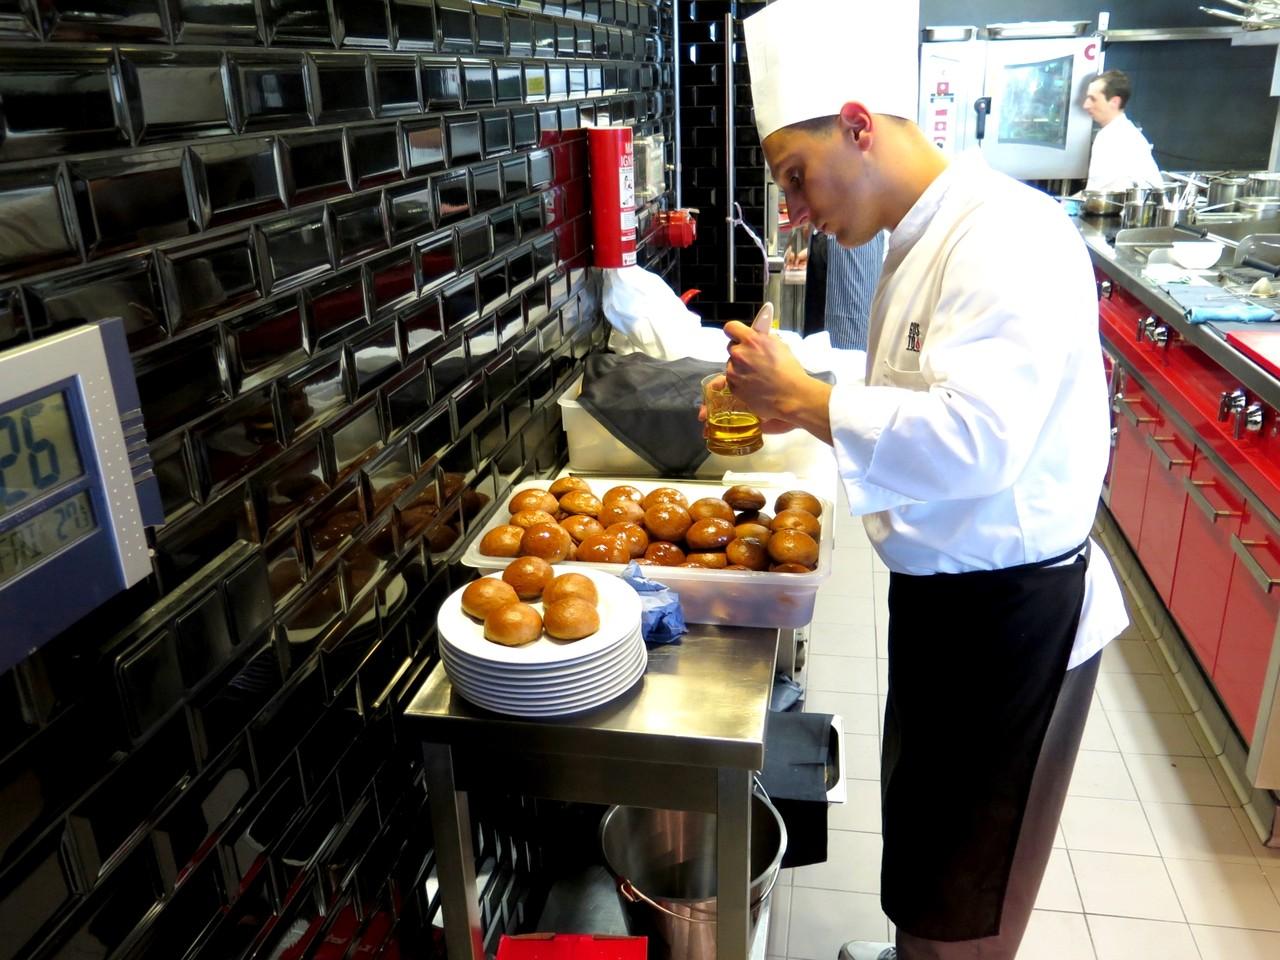 Giacomo Troisi pincelando o Pão de Café com óleo de avelã